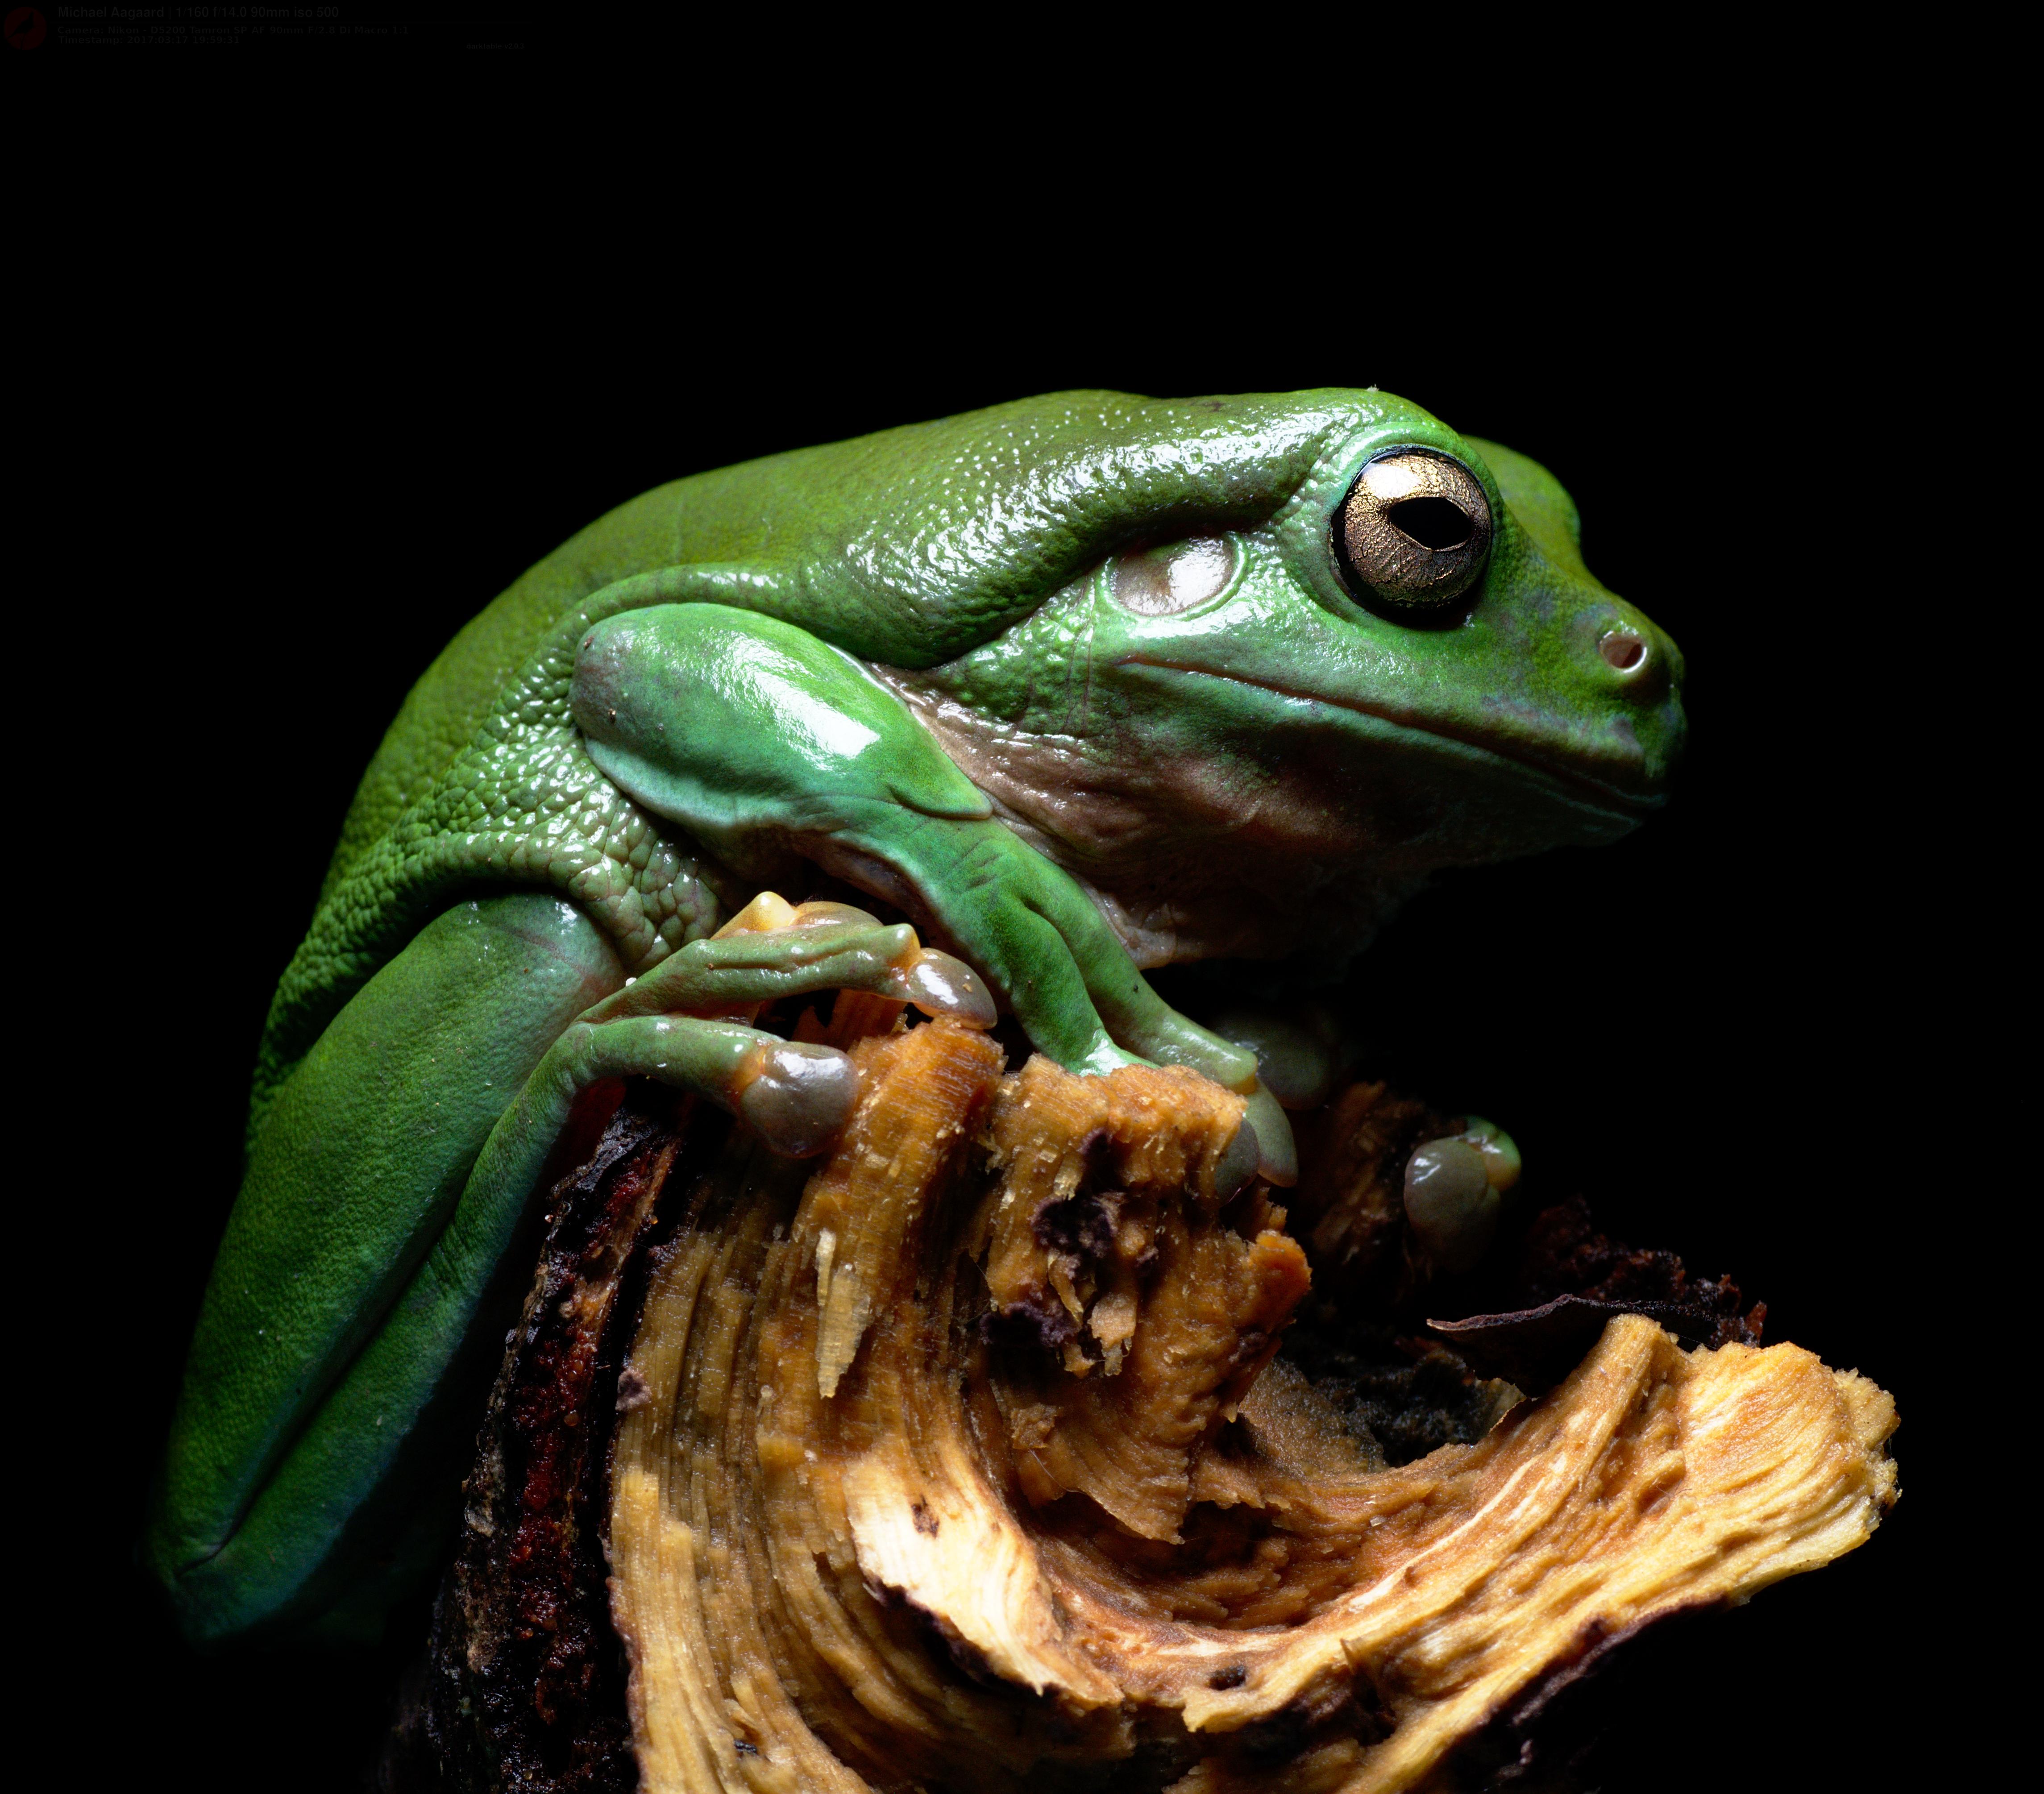 Hintergrundbilder : Amphibie, Amphibien, Australien, australisch ...